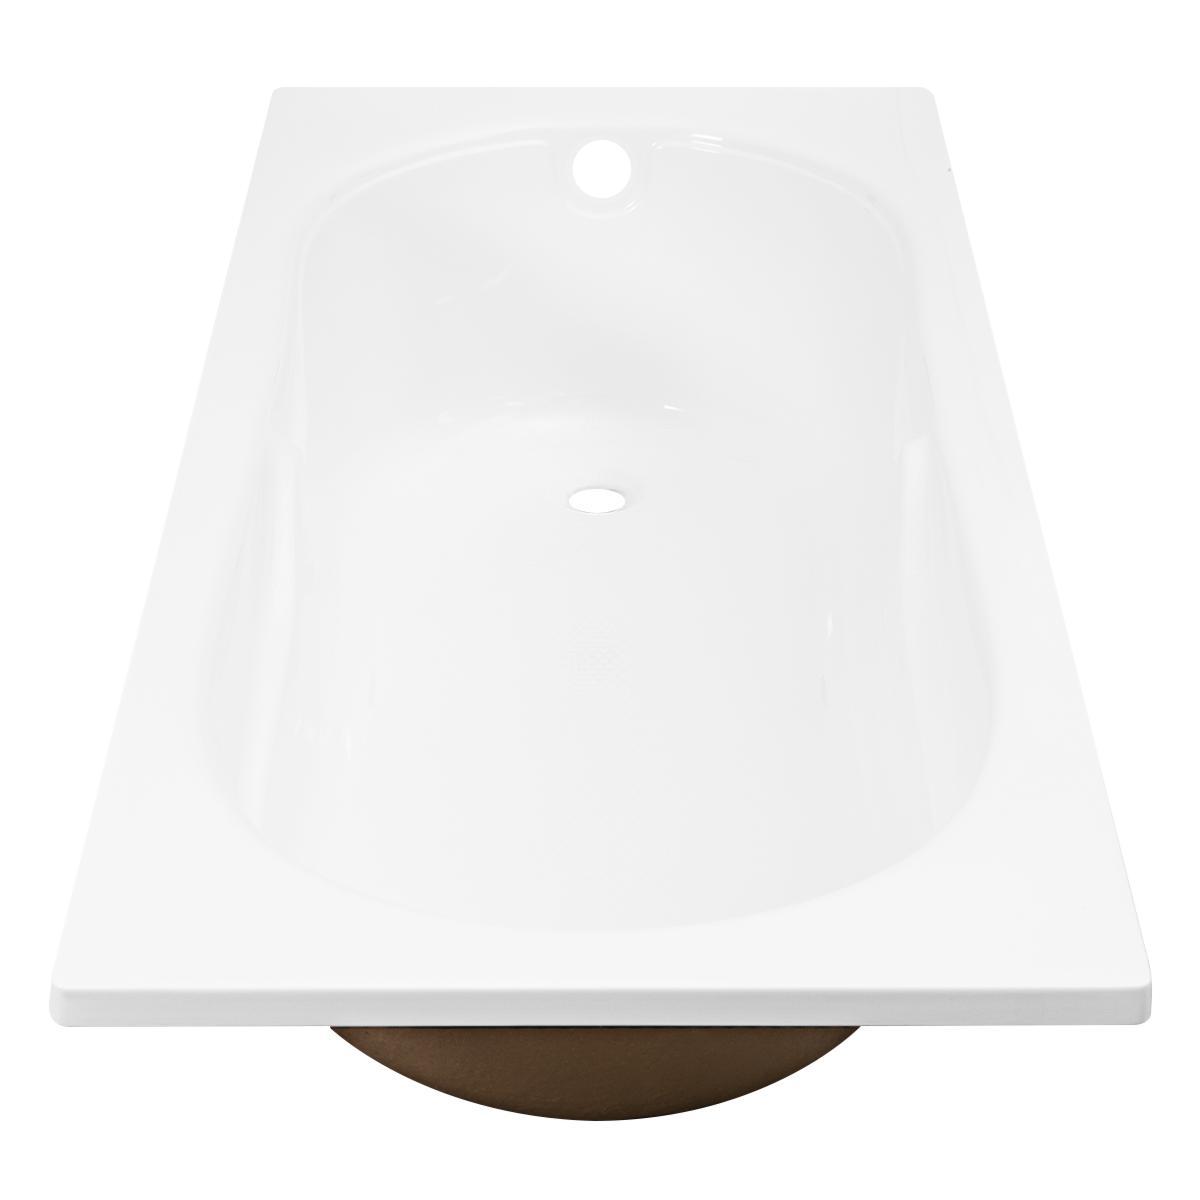 Tina Verona Blanco - 1.50X0.70X0.36 cm